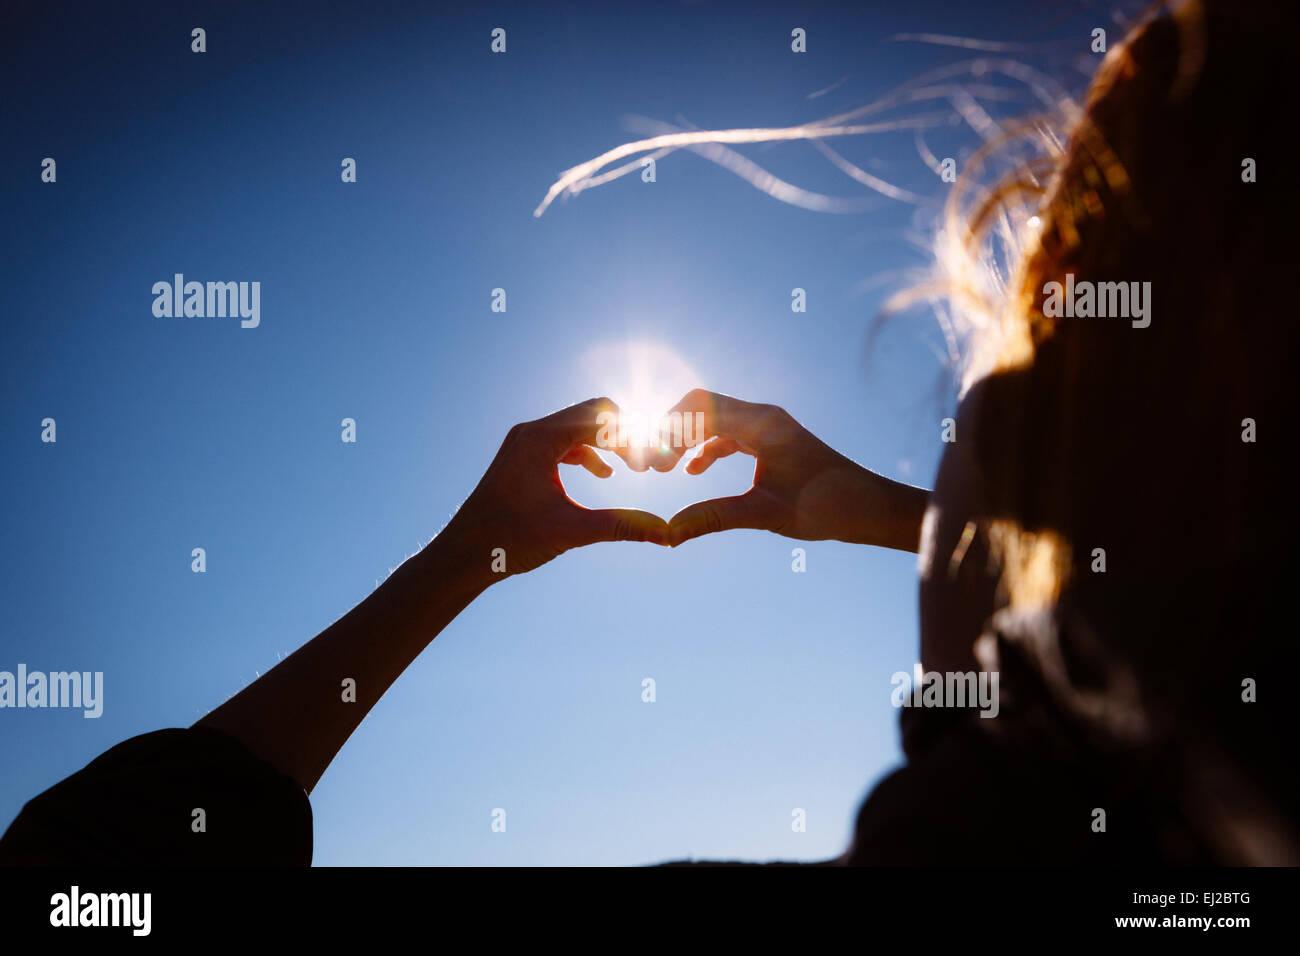 Le mani di fare l'amore segno di forma sul blu intenso del cielo. Immagini Stock